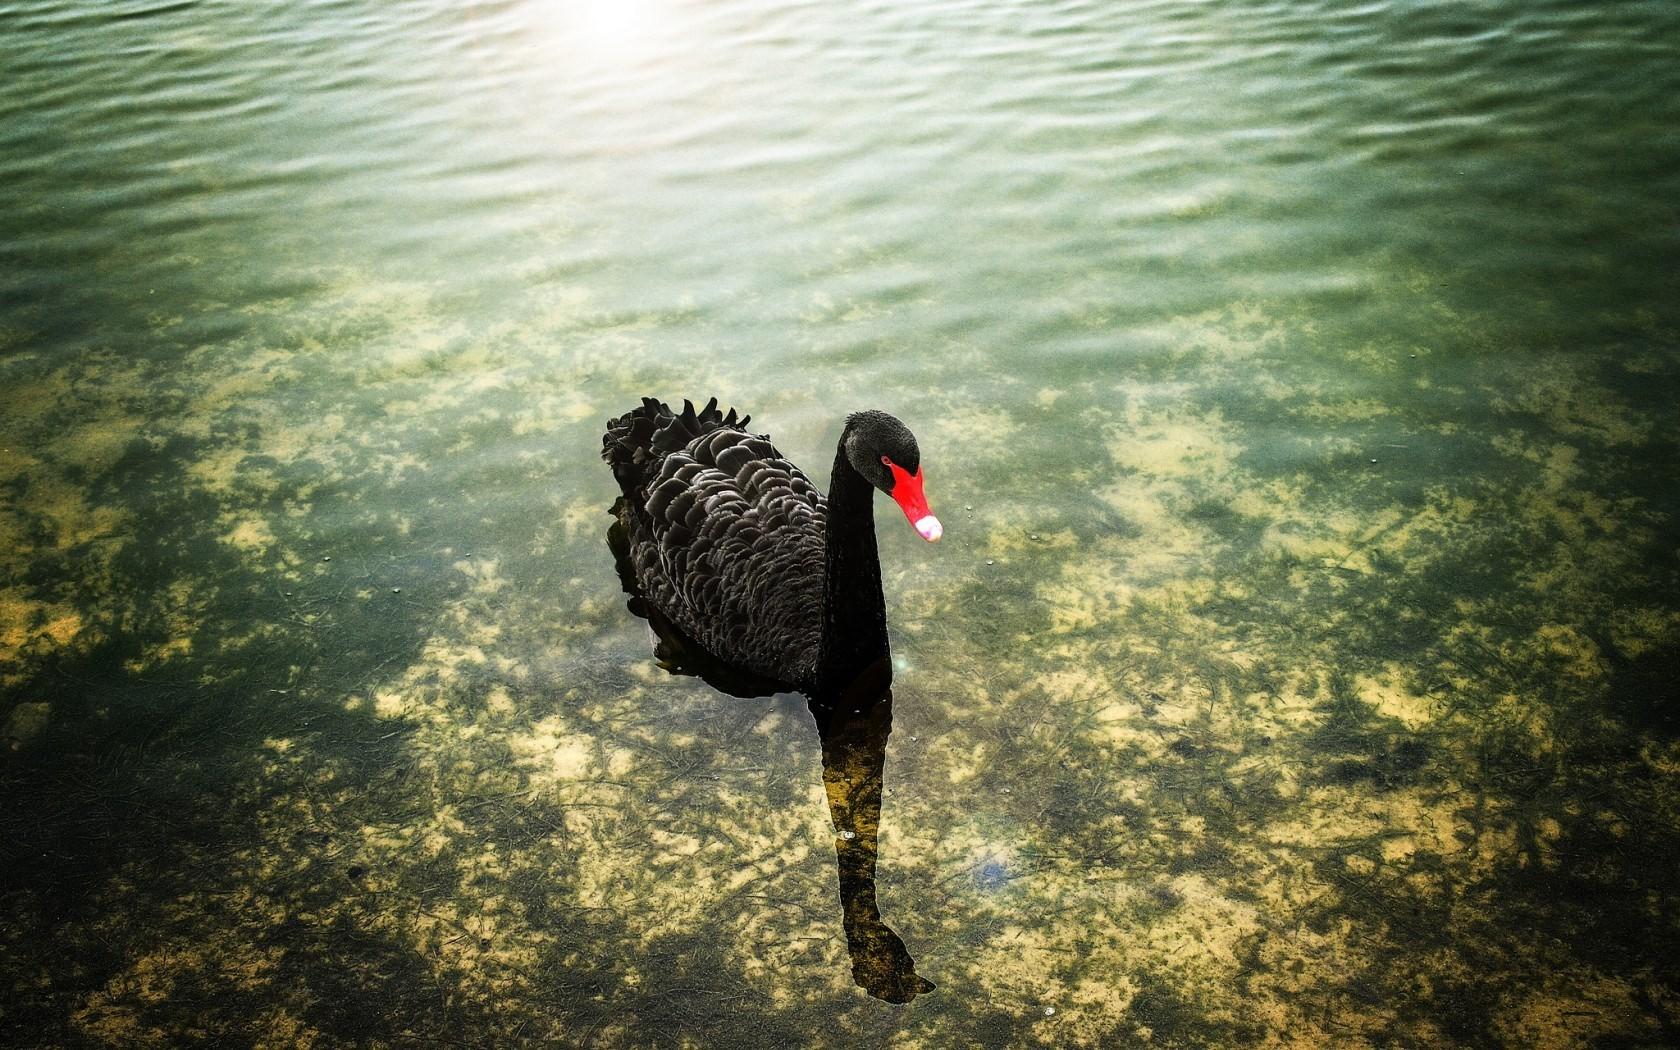 Un cisne negro - 1680x1050